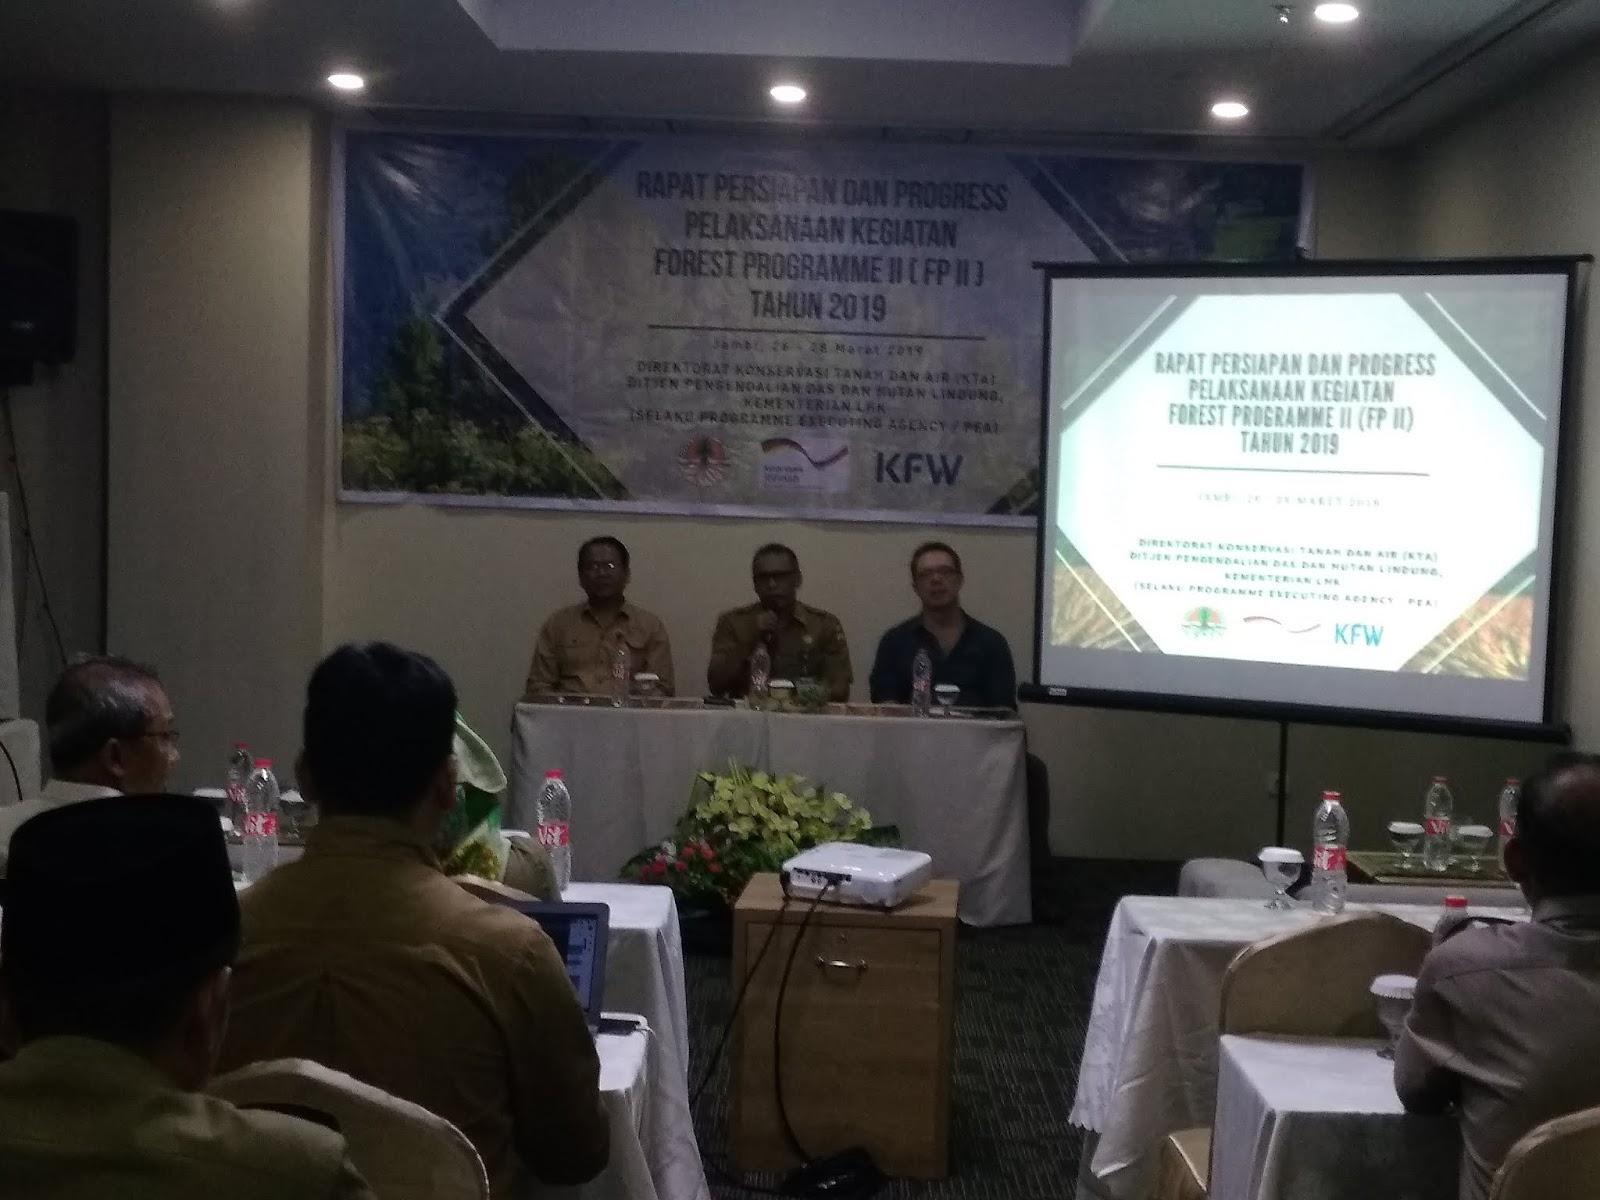 Kabid PPH Rapat Persiapan Dan Progress Pelaksanaan Kegiatan Forest Programme II